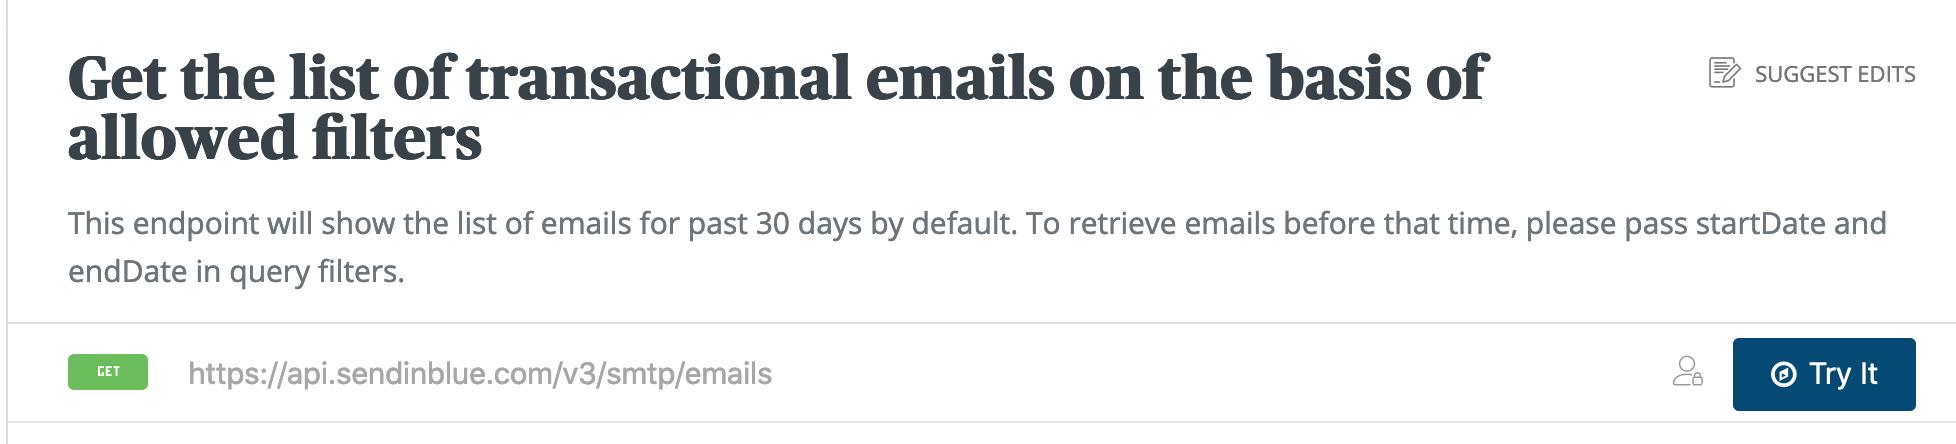 Screenshot der Sendinblue API Dokumentation - Funktion 'Get the list of transactional emails on the basis of allowed filters'